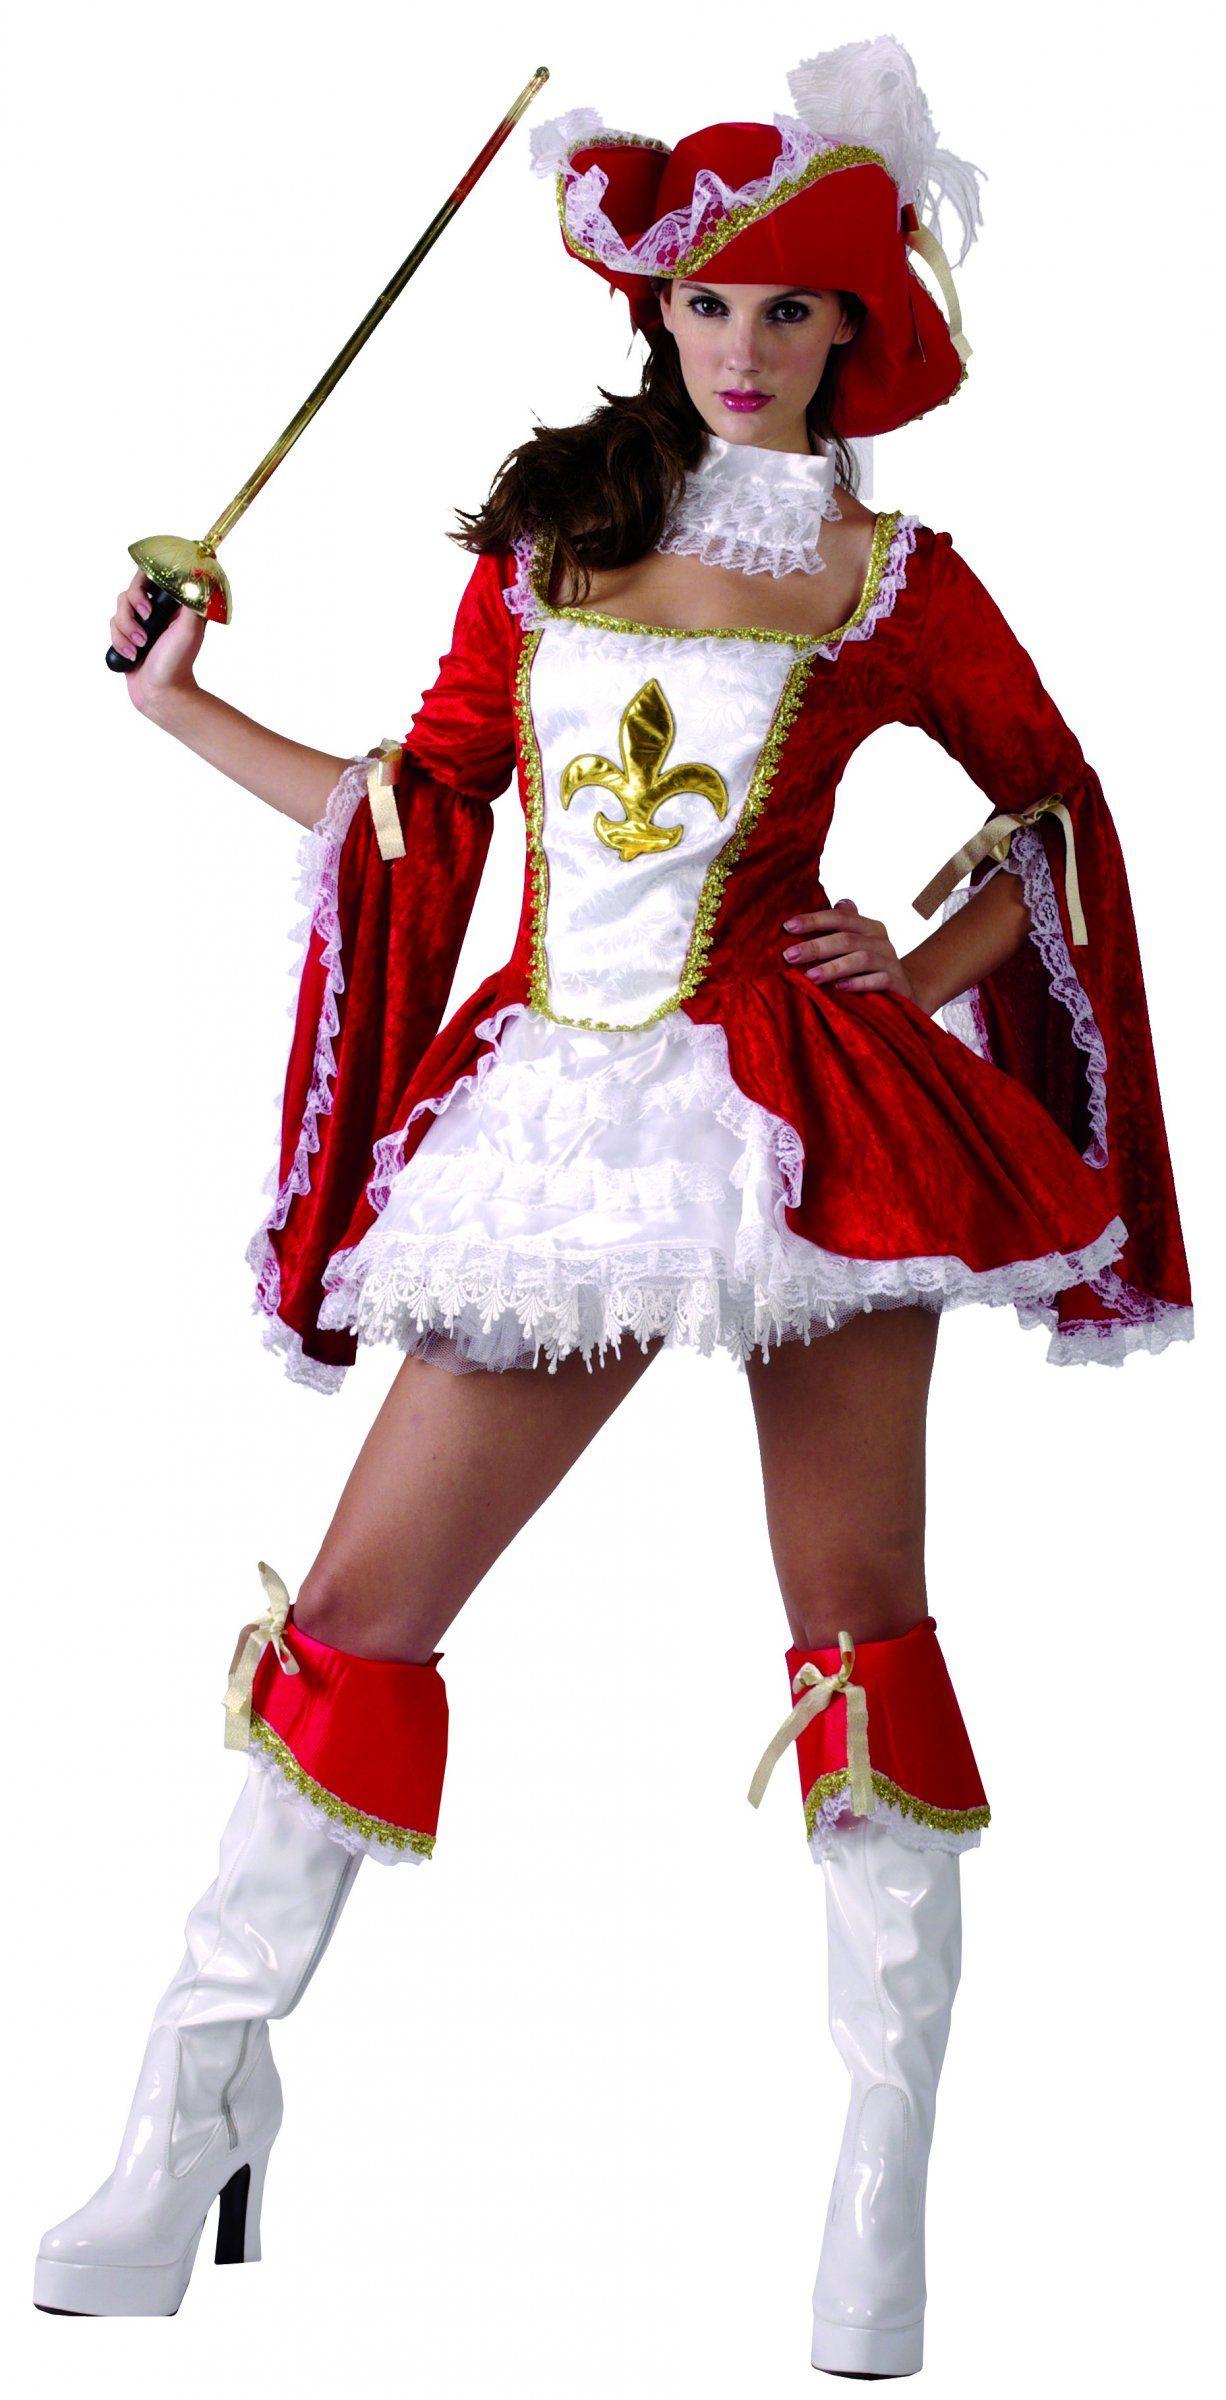 bad4071758 Disfraz de mosquetera roja para mujer  Este disfraz de mosquetera para mujer  incluye vestido